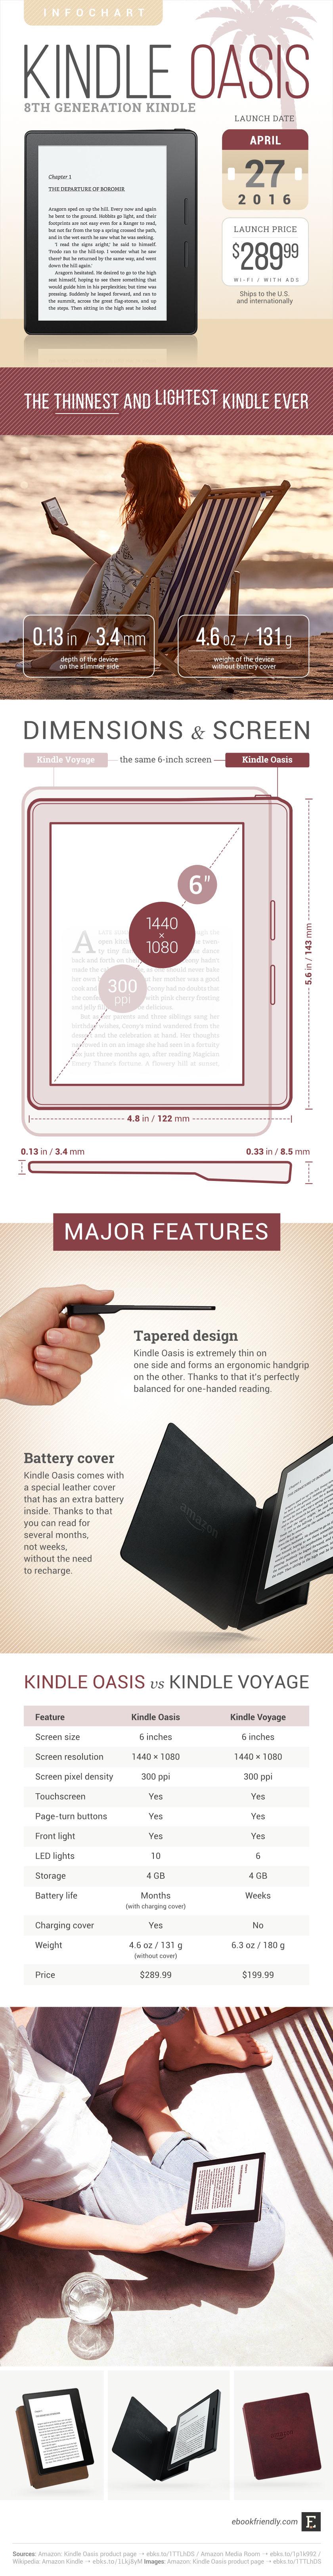 Kindle Oasis - tech specs, comparisons, major features #infographic